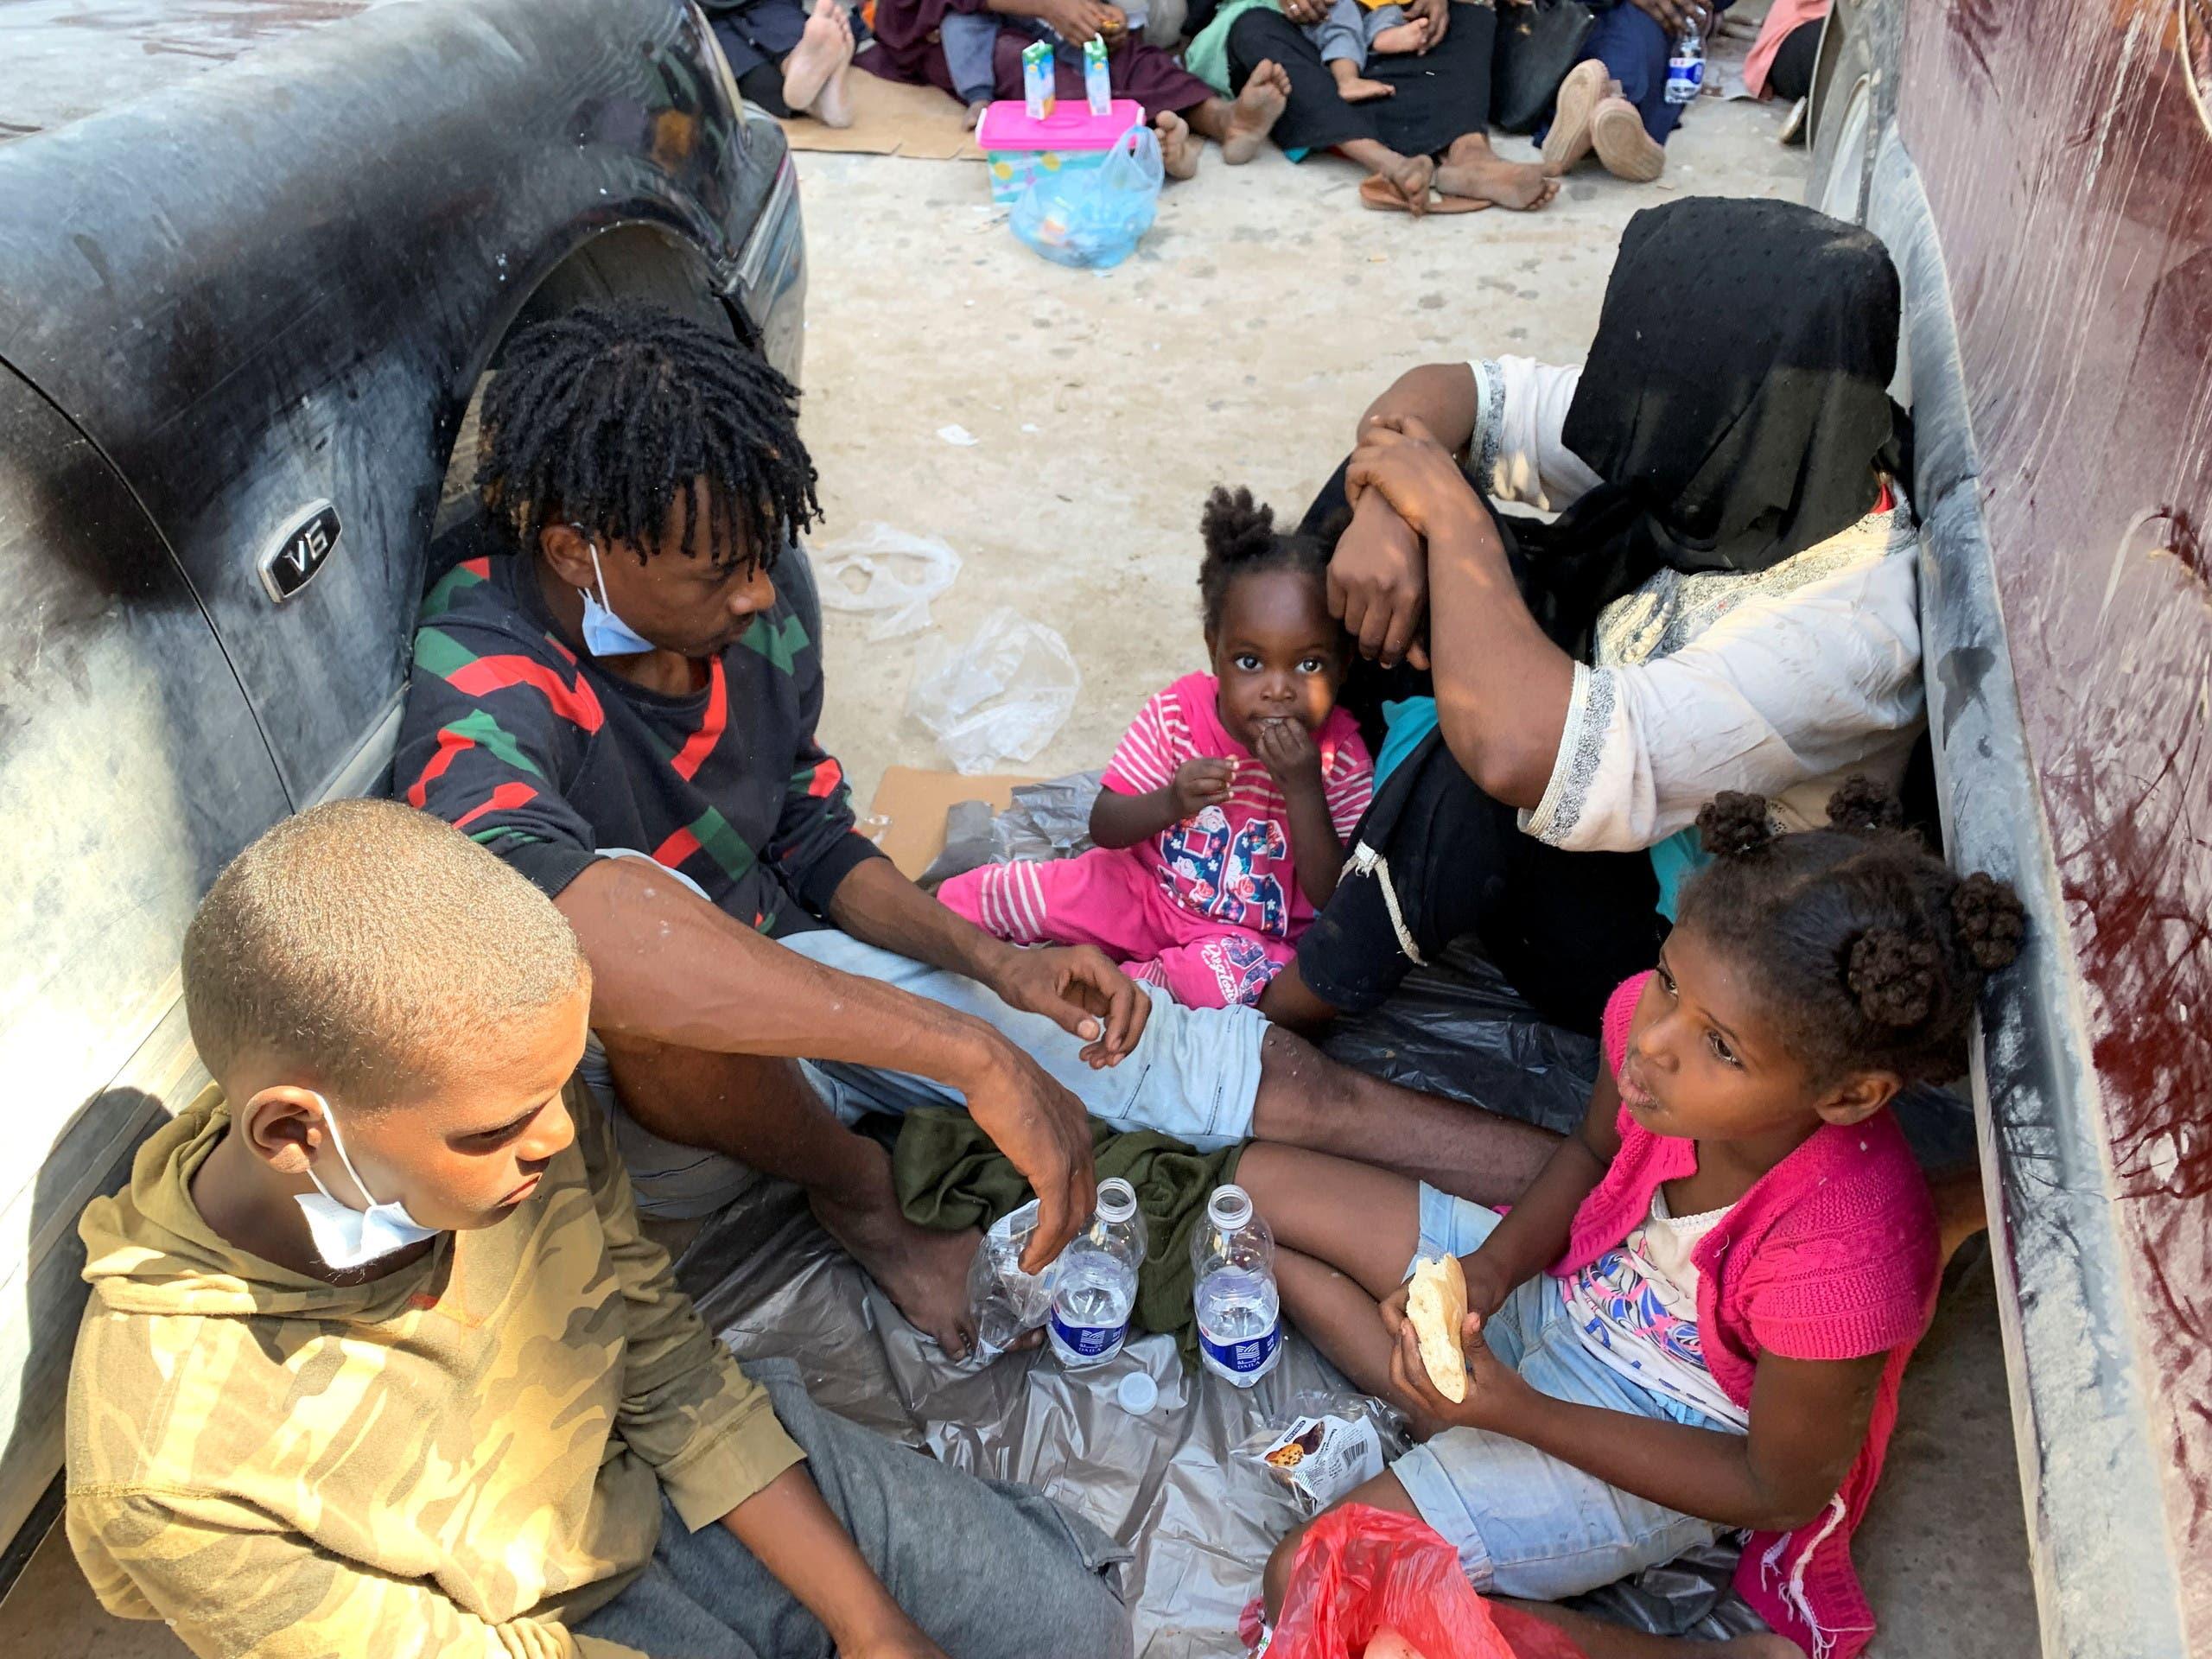 لاجئون ومهاجرون في طرابلس الليبية (رويترز)